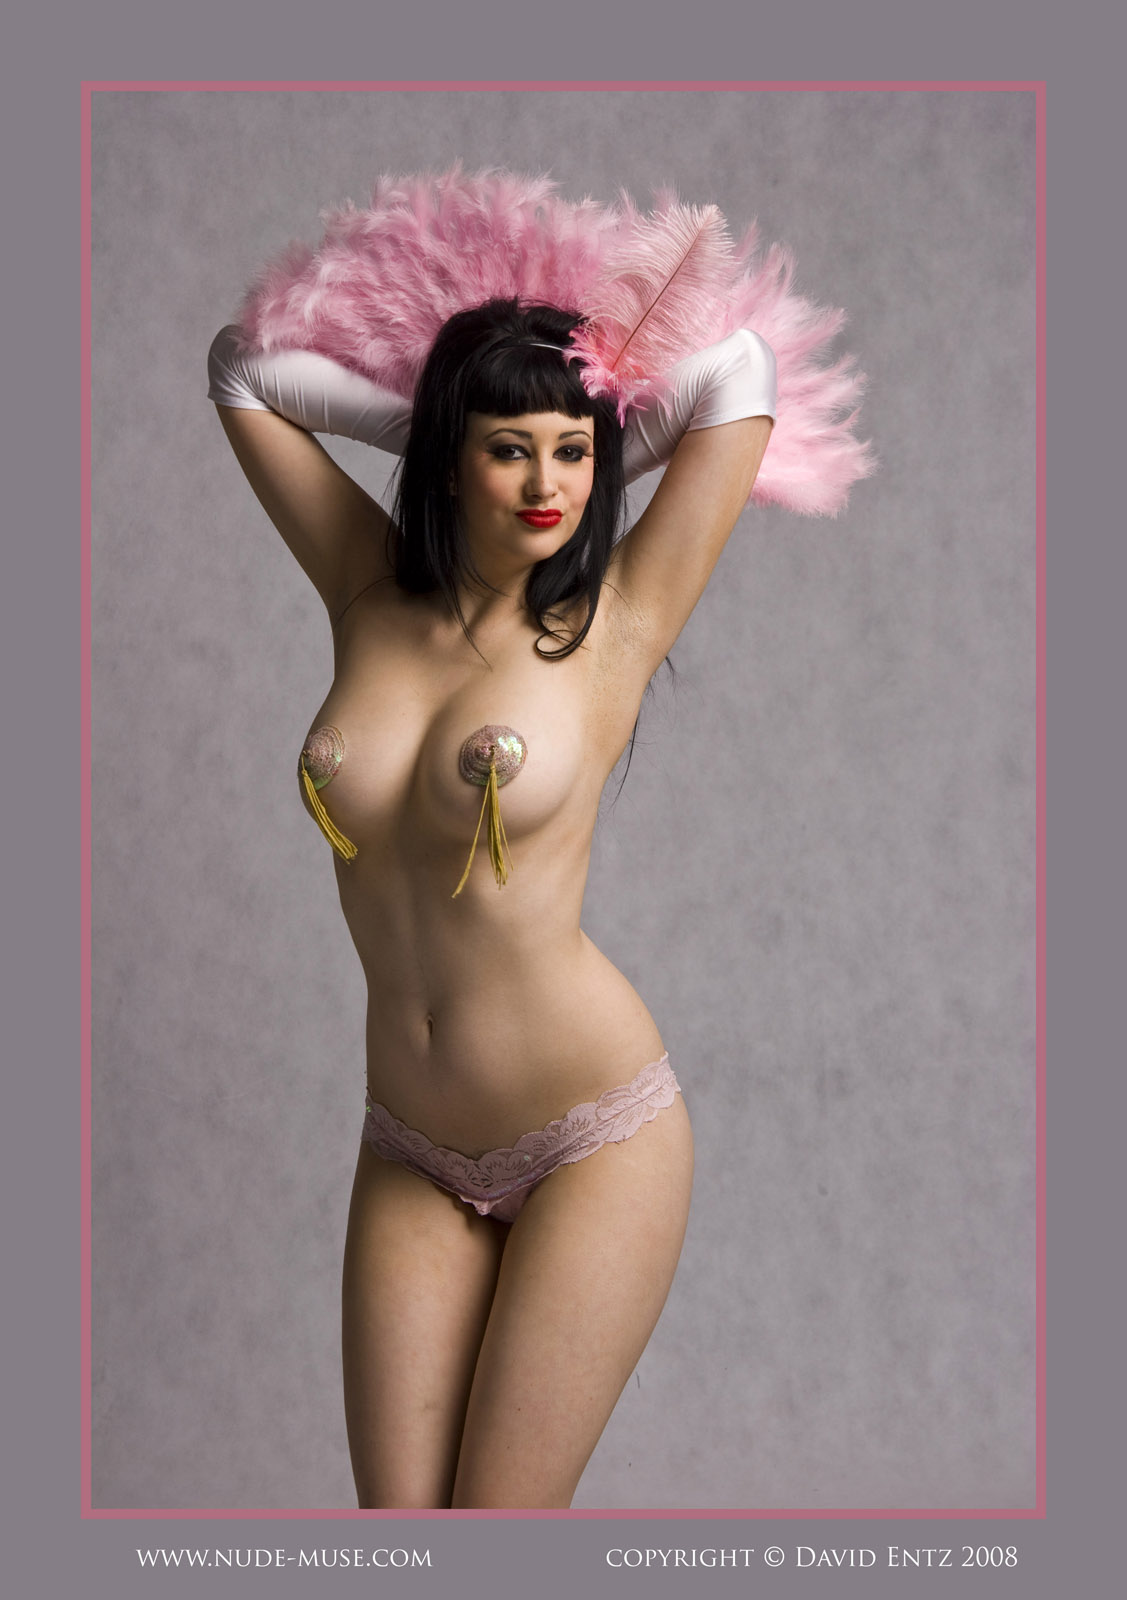 meet nude russian girls